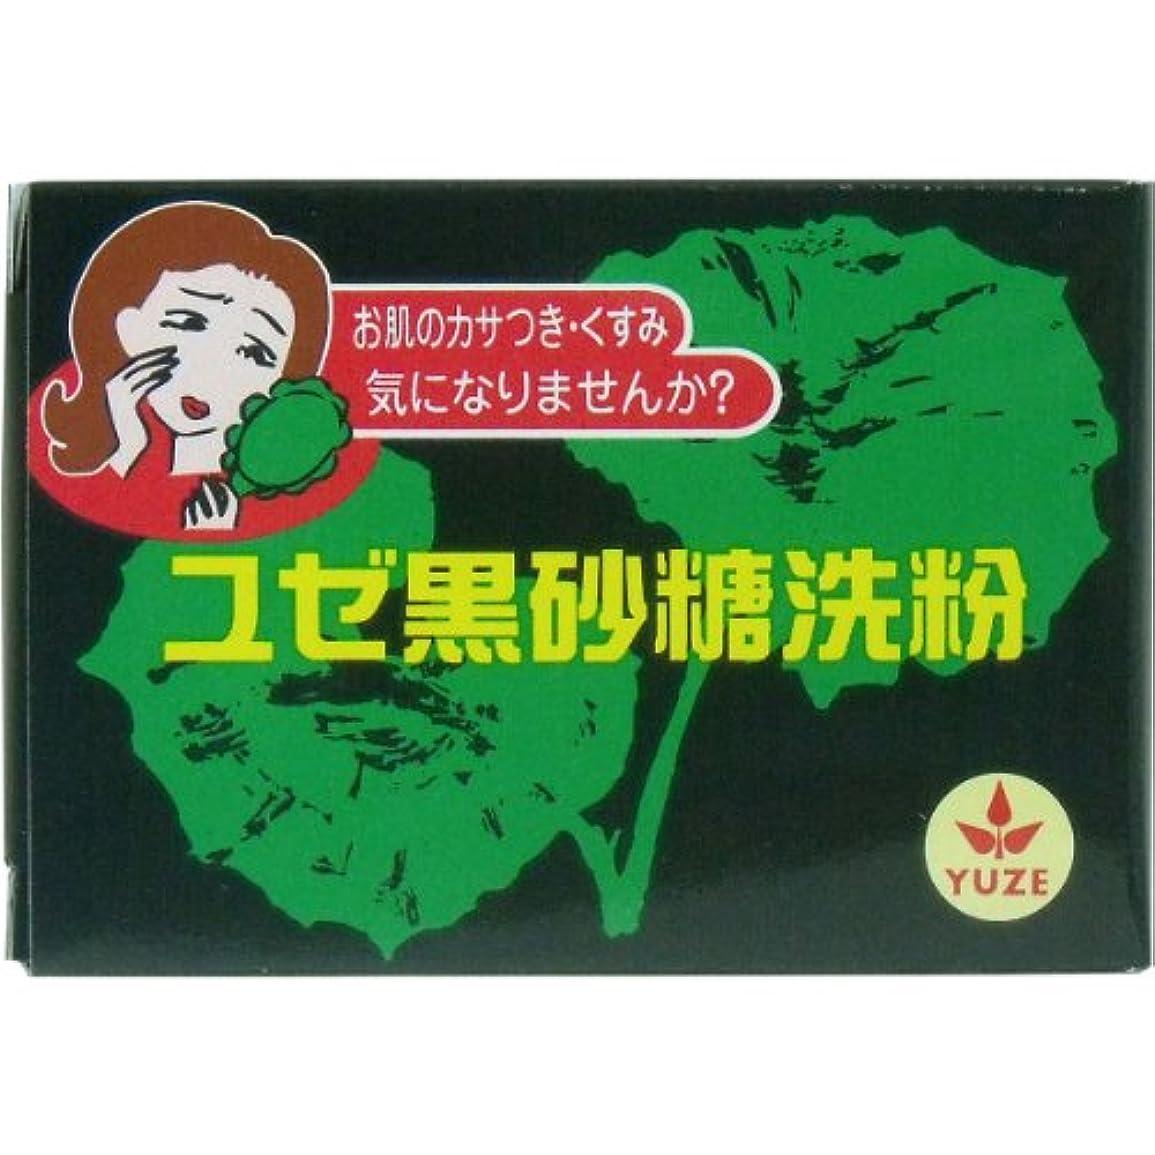 ハイランドプロポーショナル因子ユゼ黒砂糖洗粉75g×6個セット